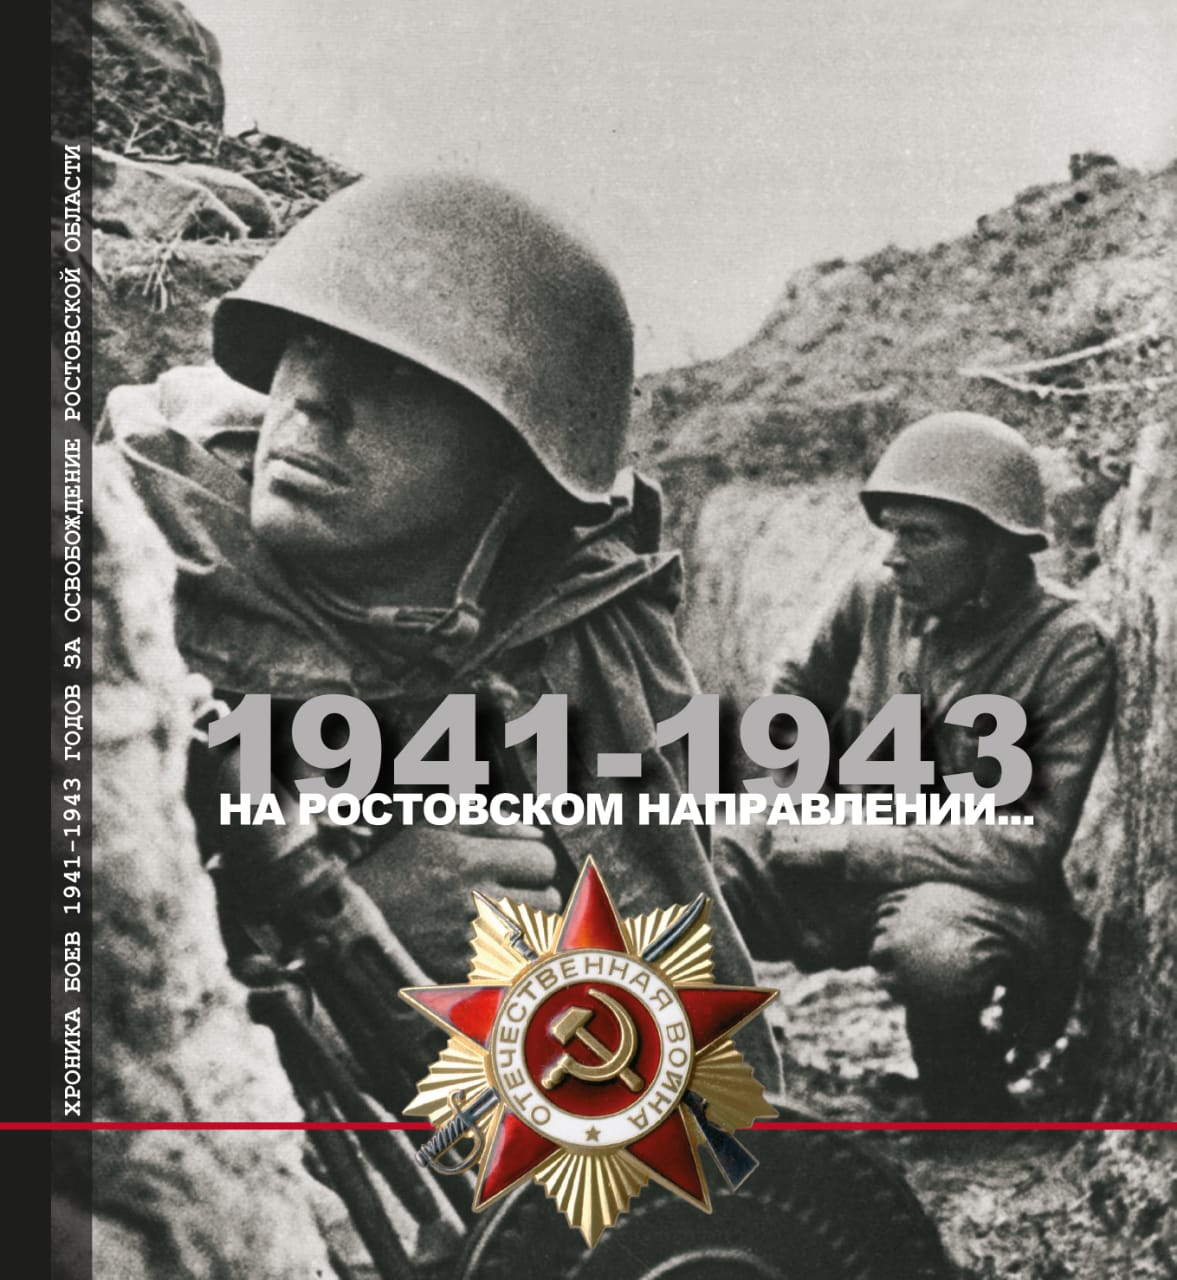 Презентация альбома «На Ростовском направлении»